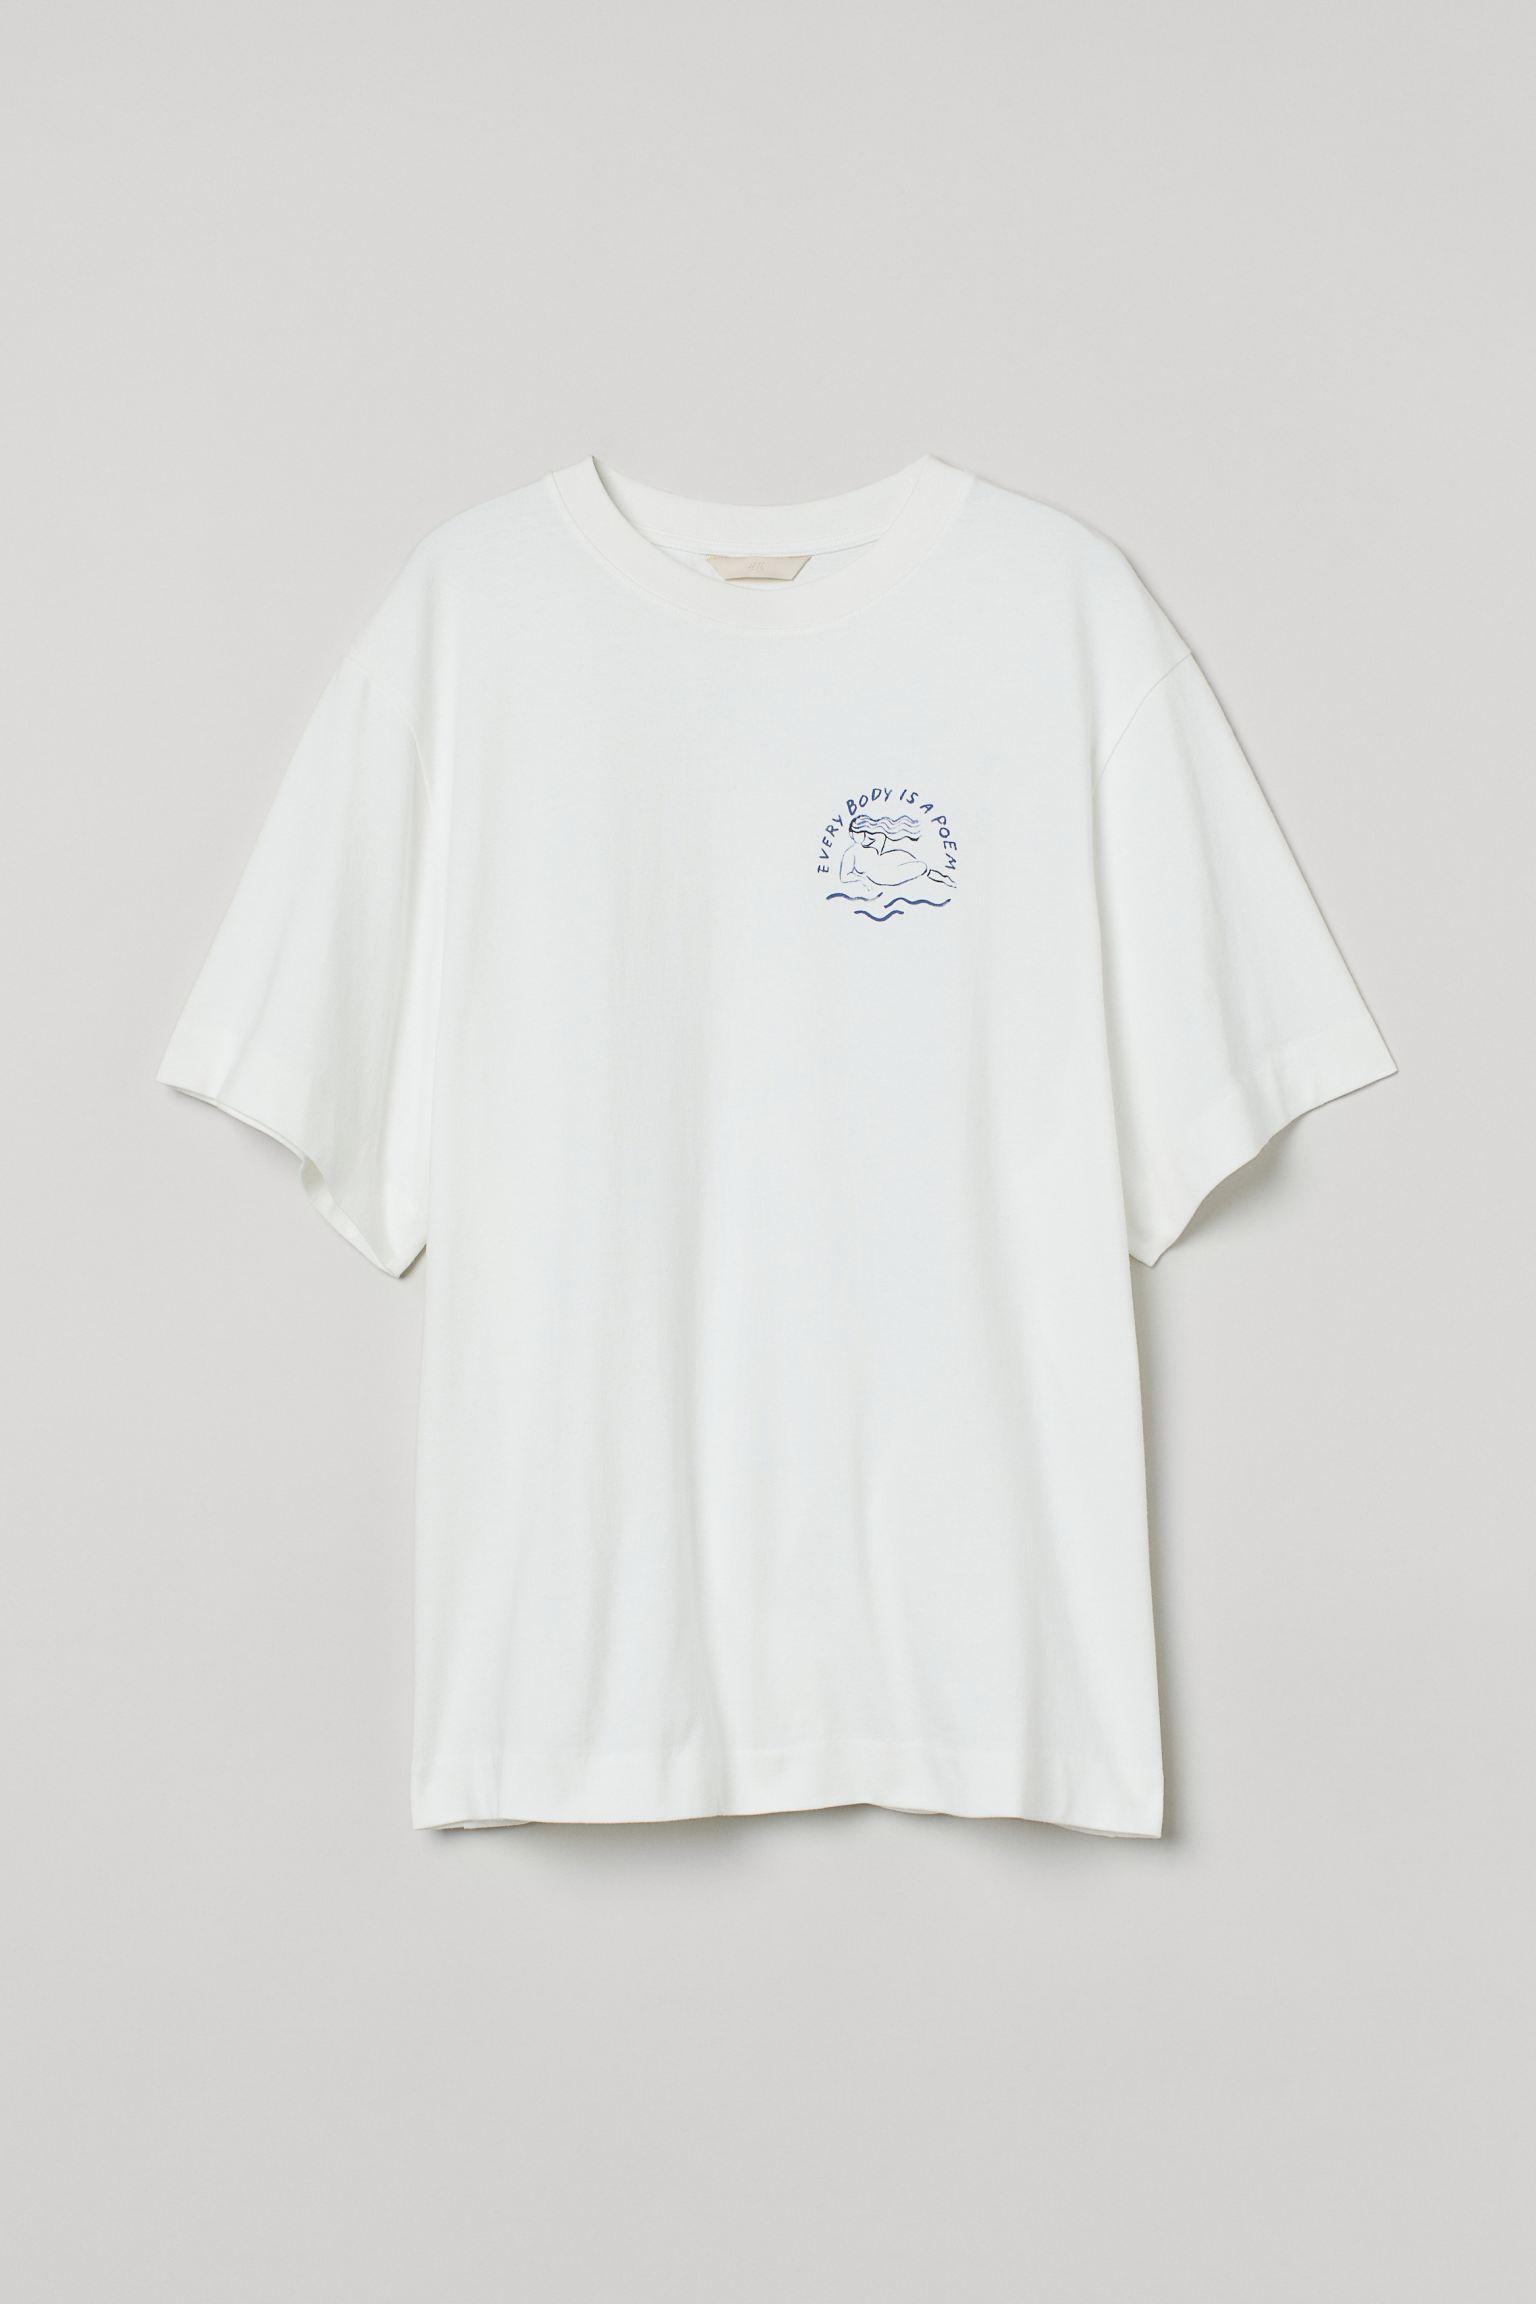 Camiseta oversize en punto de algodón con motivo estampado delante y detrás. Modelo de manga corta con hombros caídos y cuello redondo ribeteado en punto elástico.